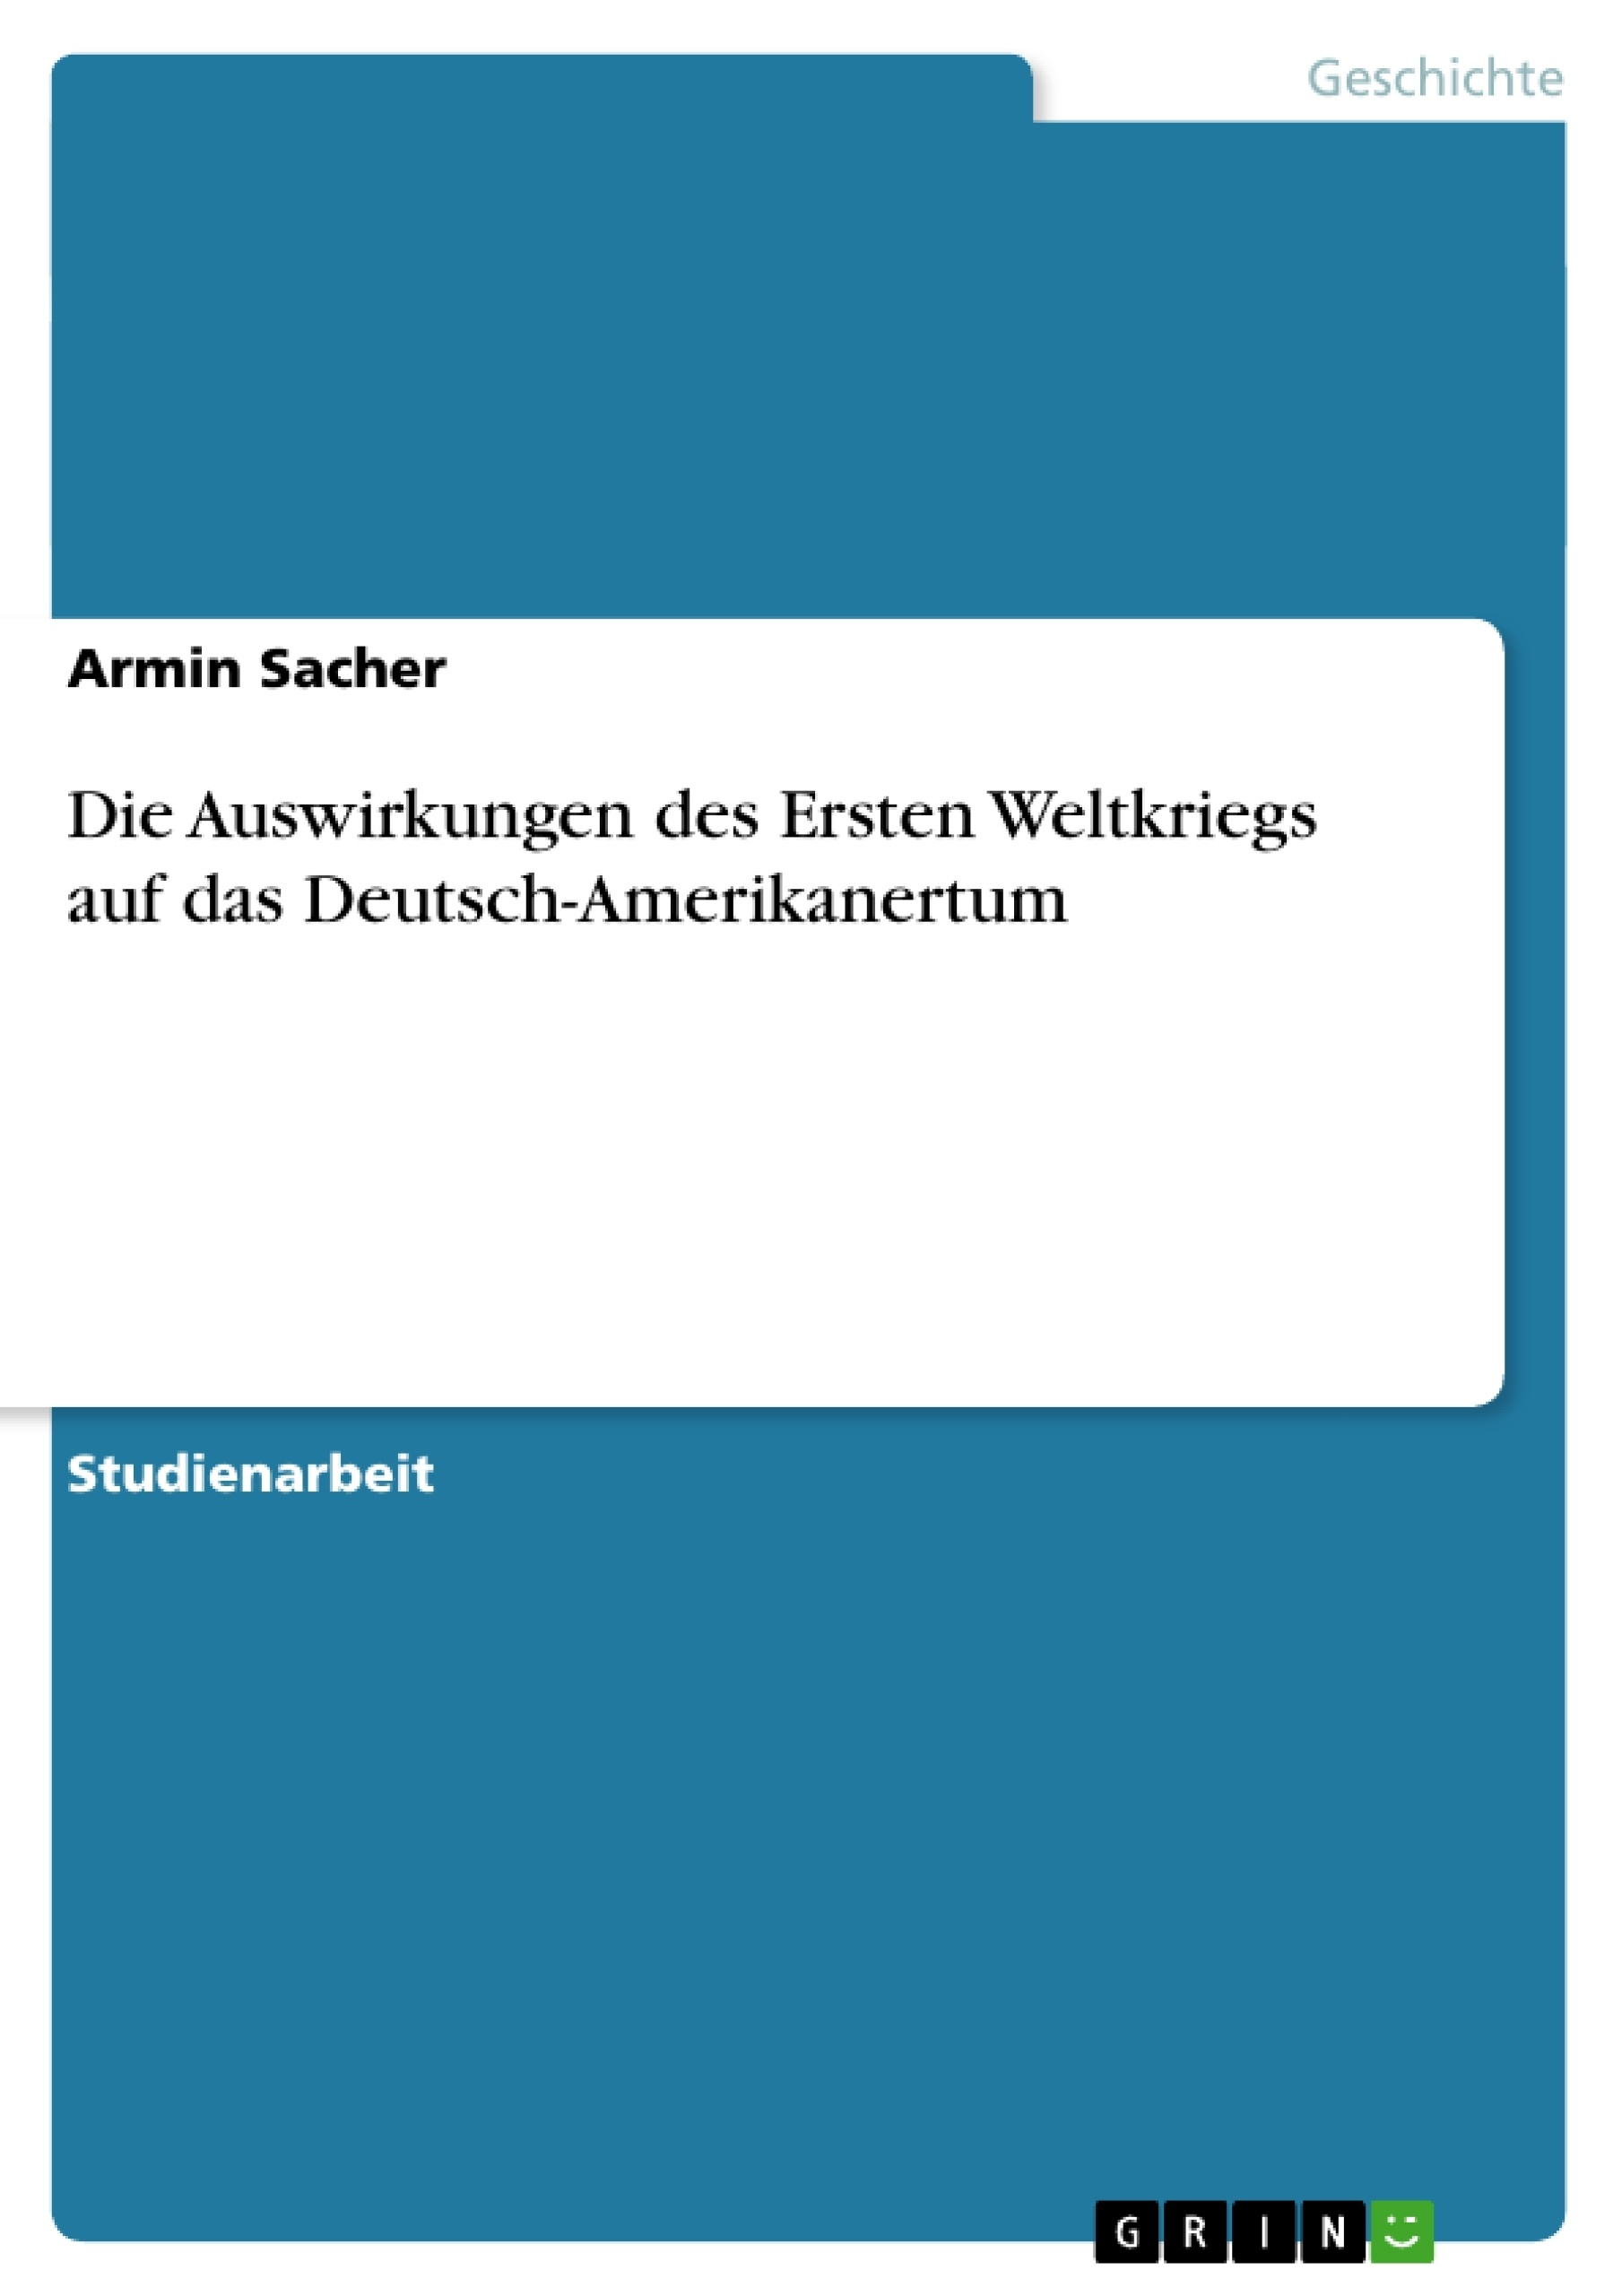 Titel: Die Auswirkungen des Ersten Weltkriegs auf das Deutsch-Amerikanertum